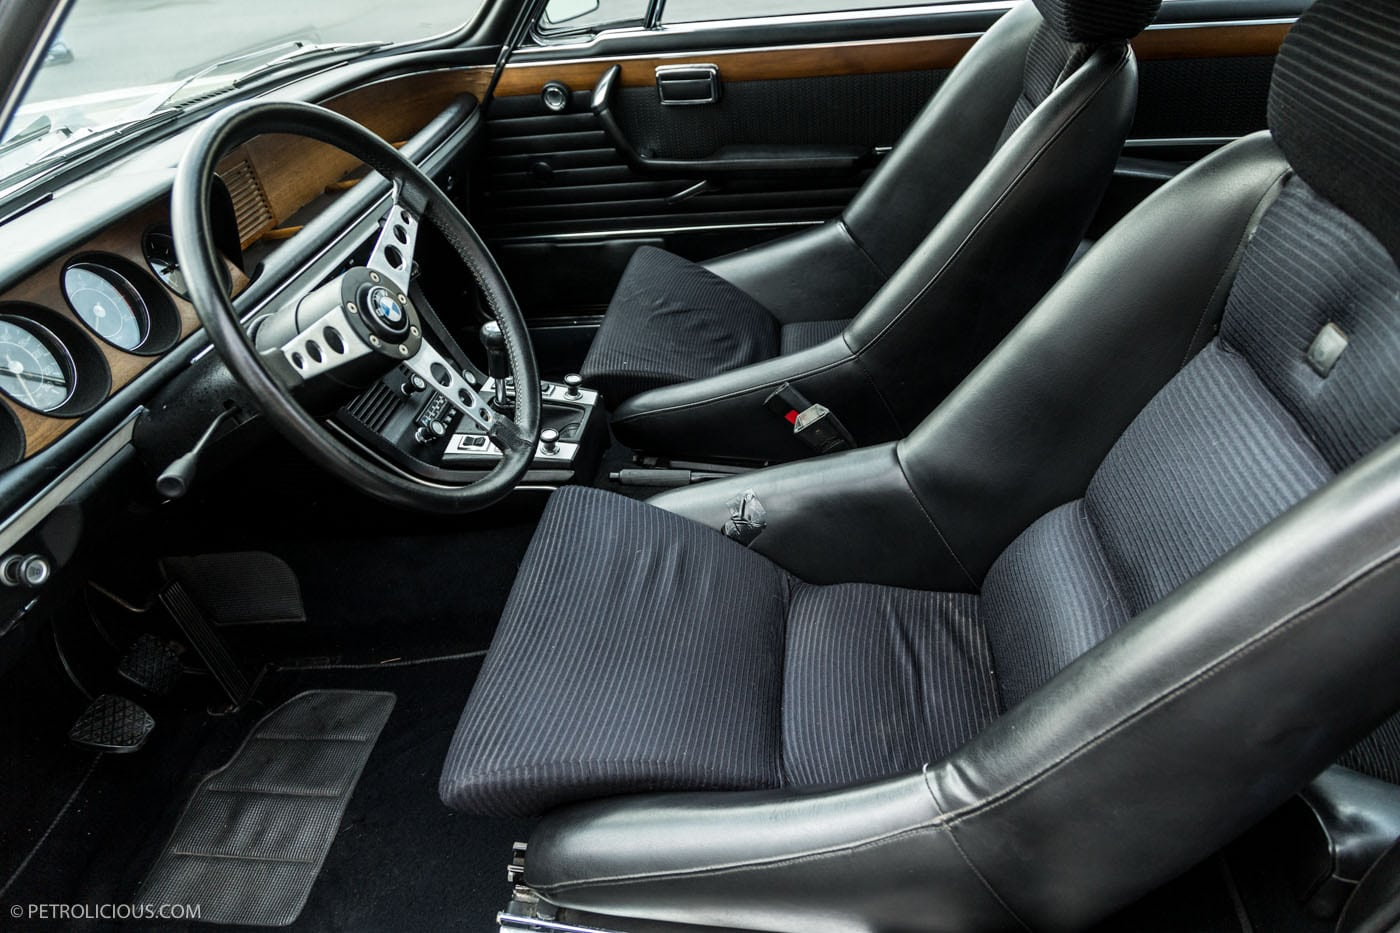 BMW E9 3.0 CSL. Йохан Неерпаш: для омологации BMW 3.0 CSL нужно было выпустить 1000 экземпляров этой модели, однако мы посчитали, что дешевле будет построить одну гоночную машину для обычных дорог.